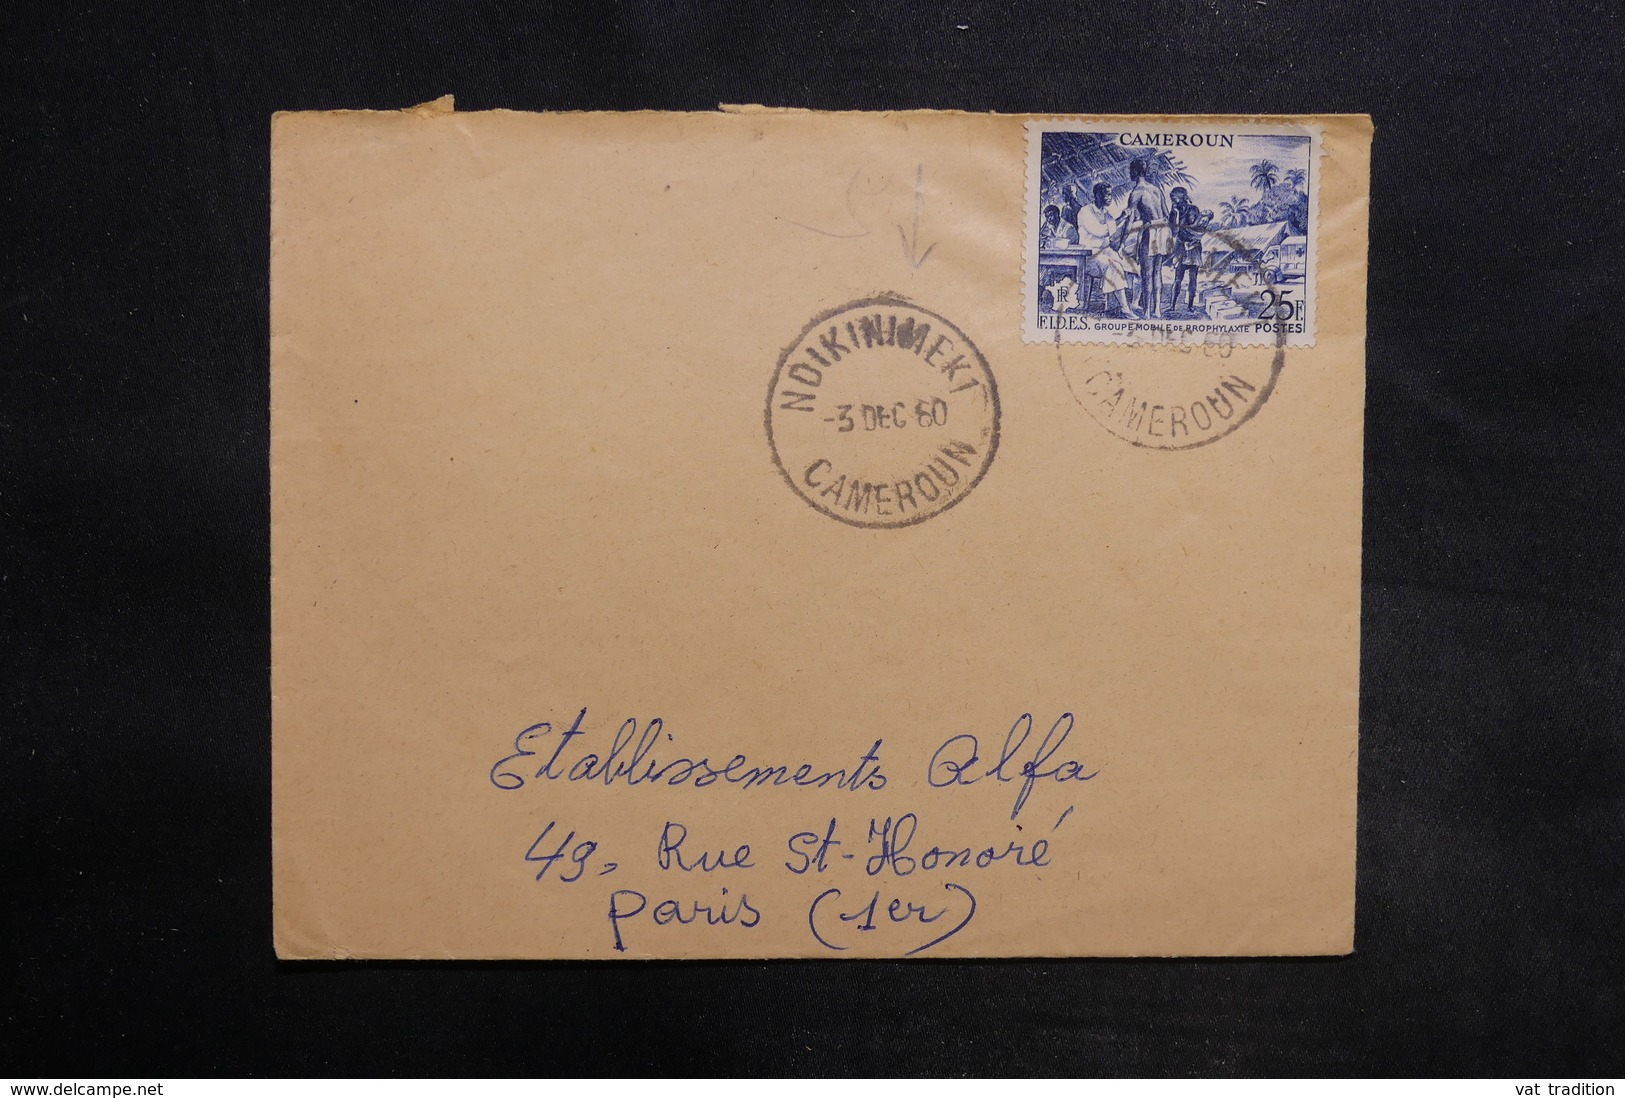 CAMEROUN - Enveloppe De Ndikinimeki Pour La France En 1960, Affranchissement Plaisant - L 35565 - Camerun (1960-...)